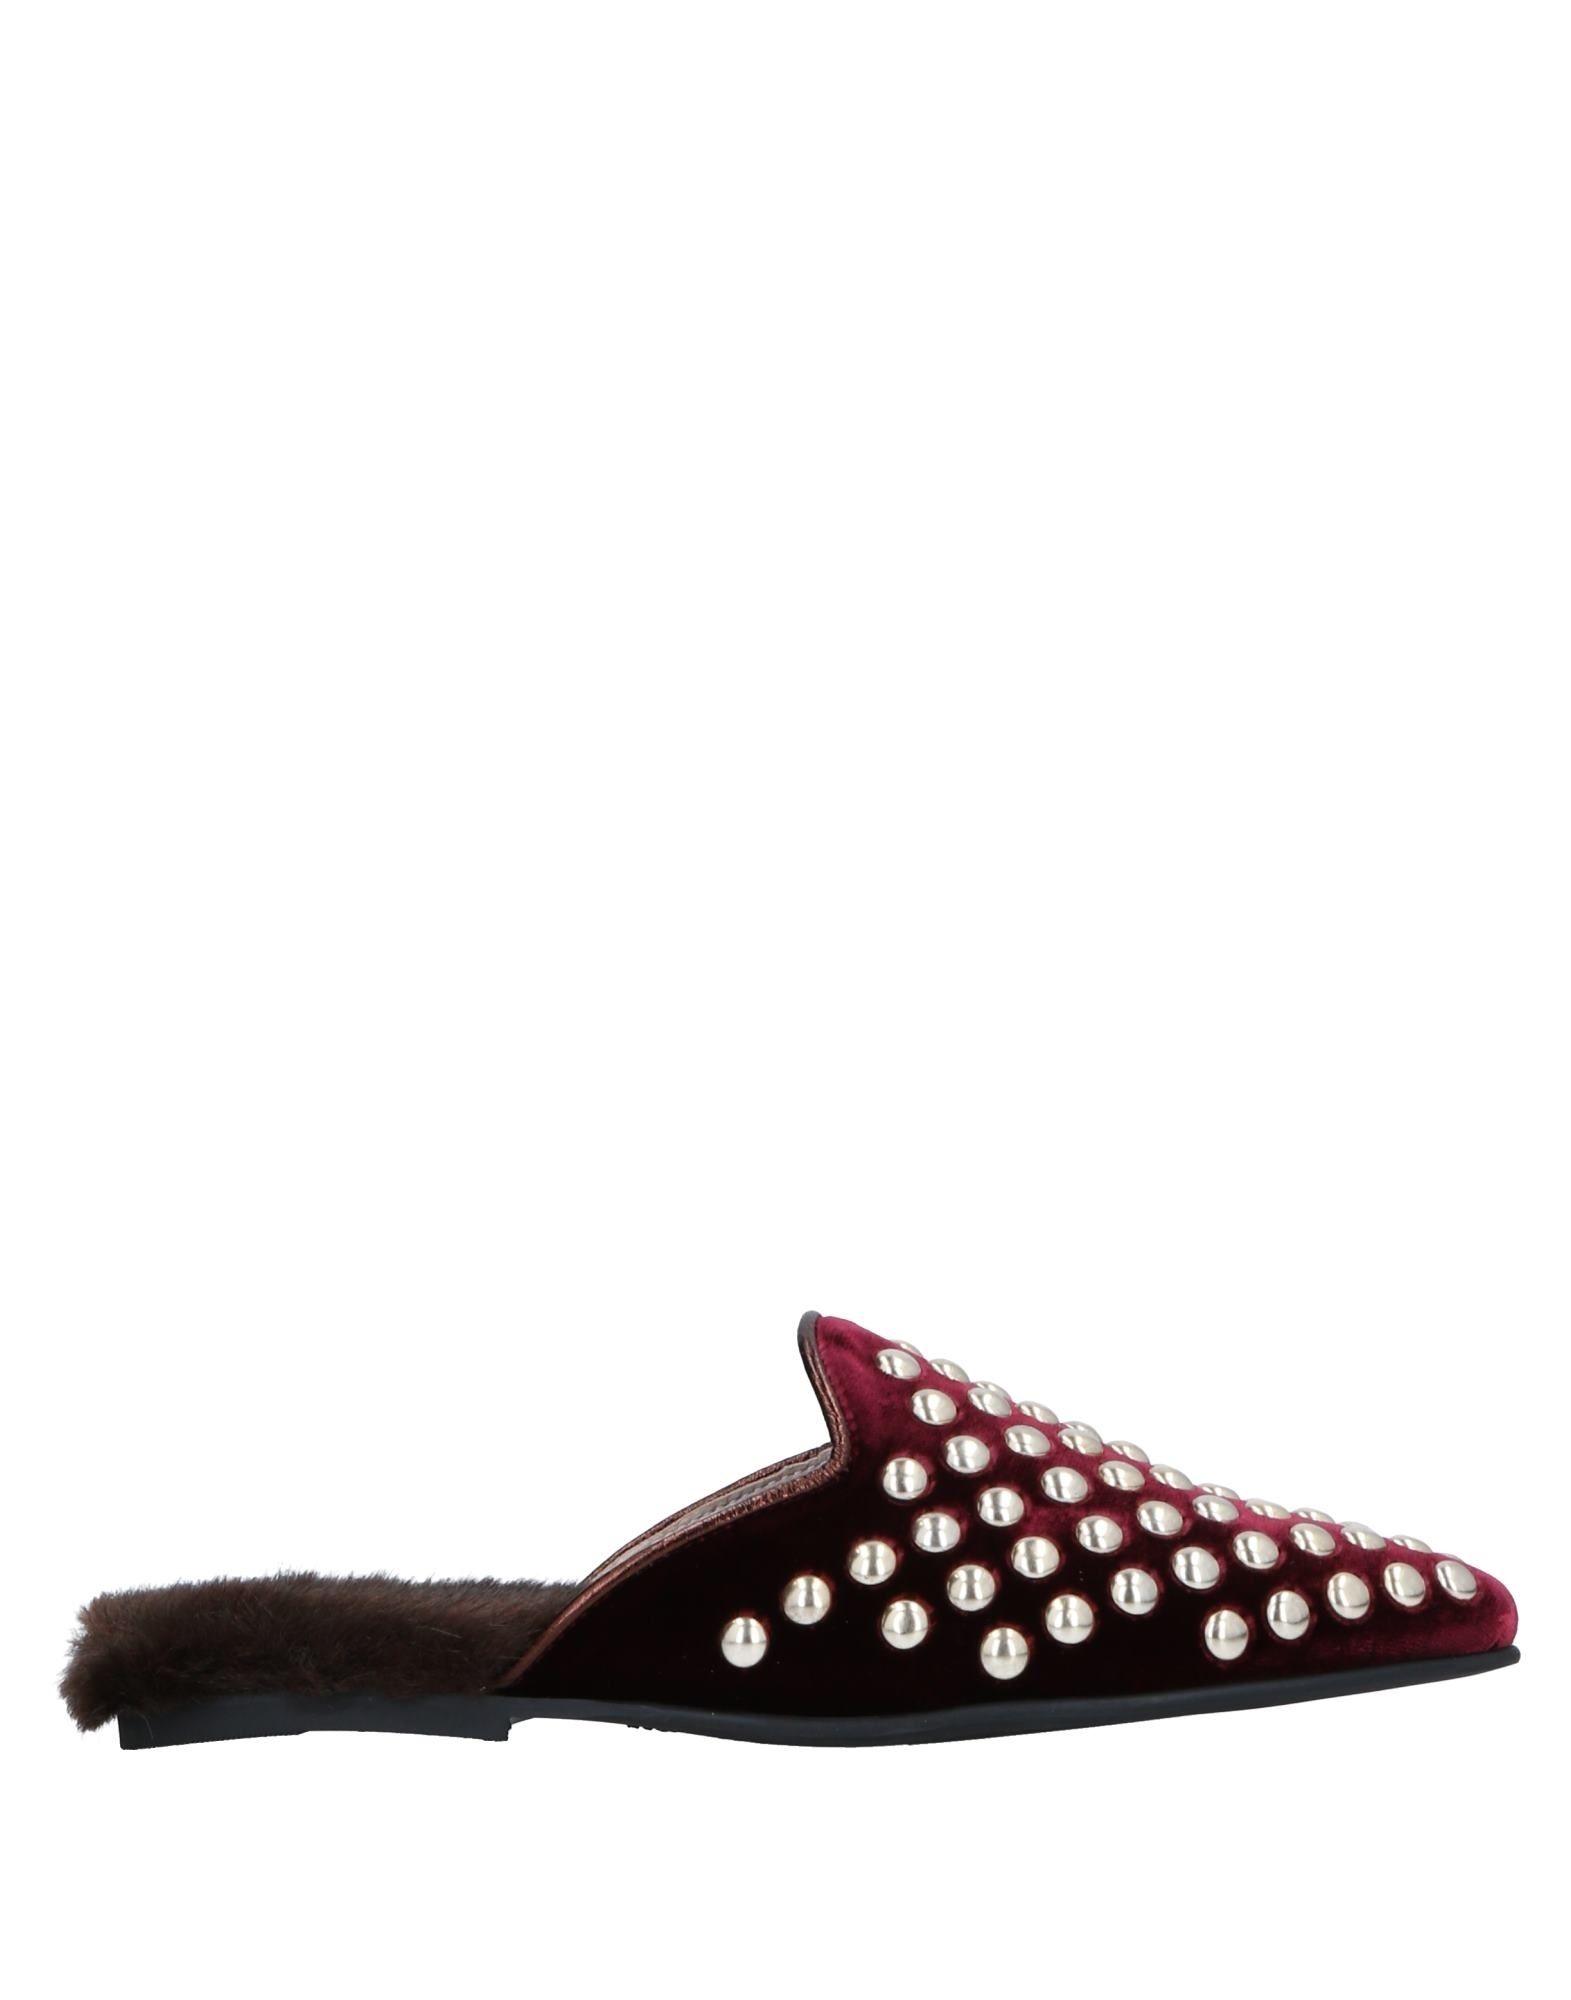 Via Vela 14 Pantoletten Damen  11542711LWGut aussehende strapazierfähige Schuhe